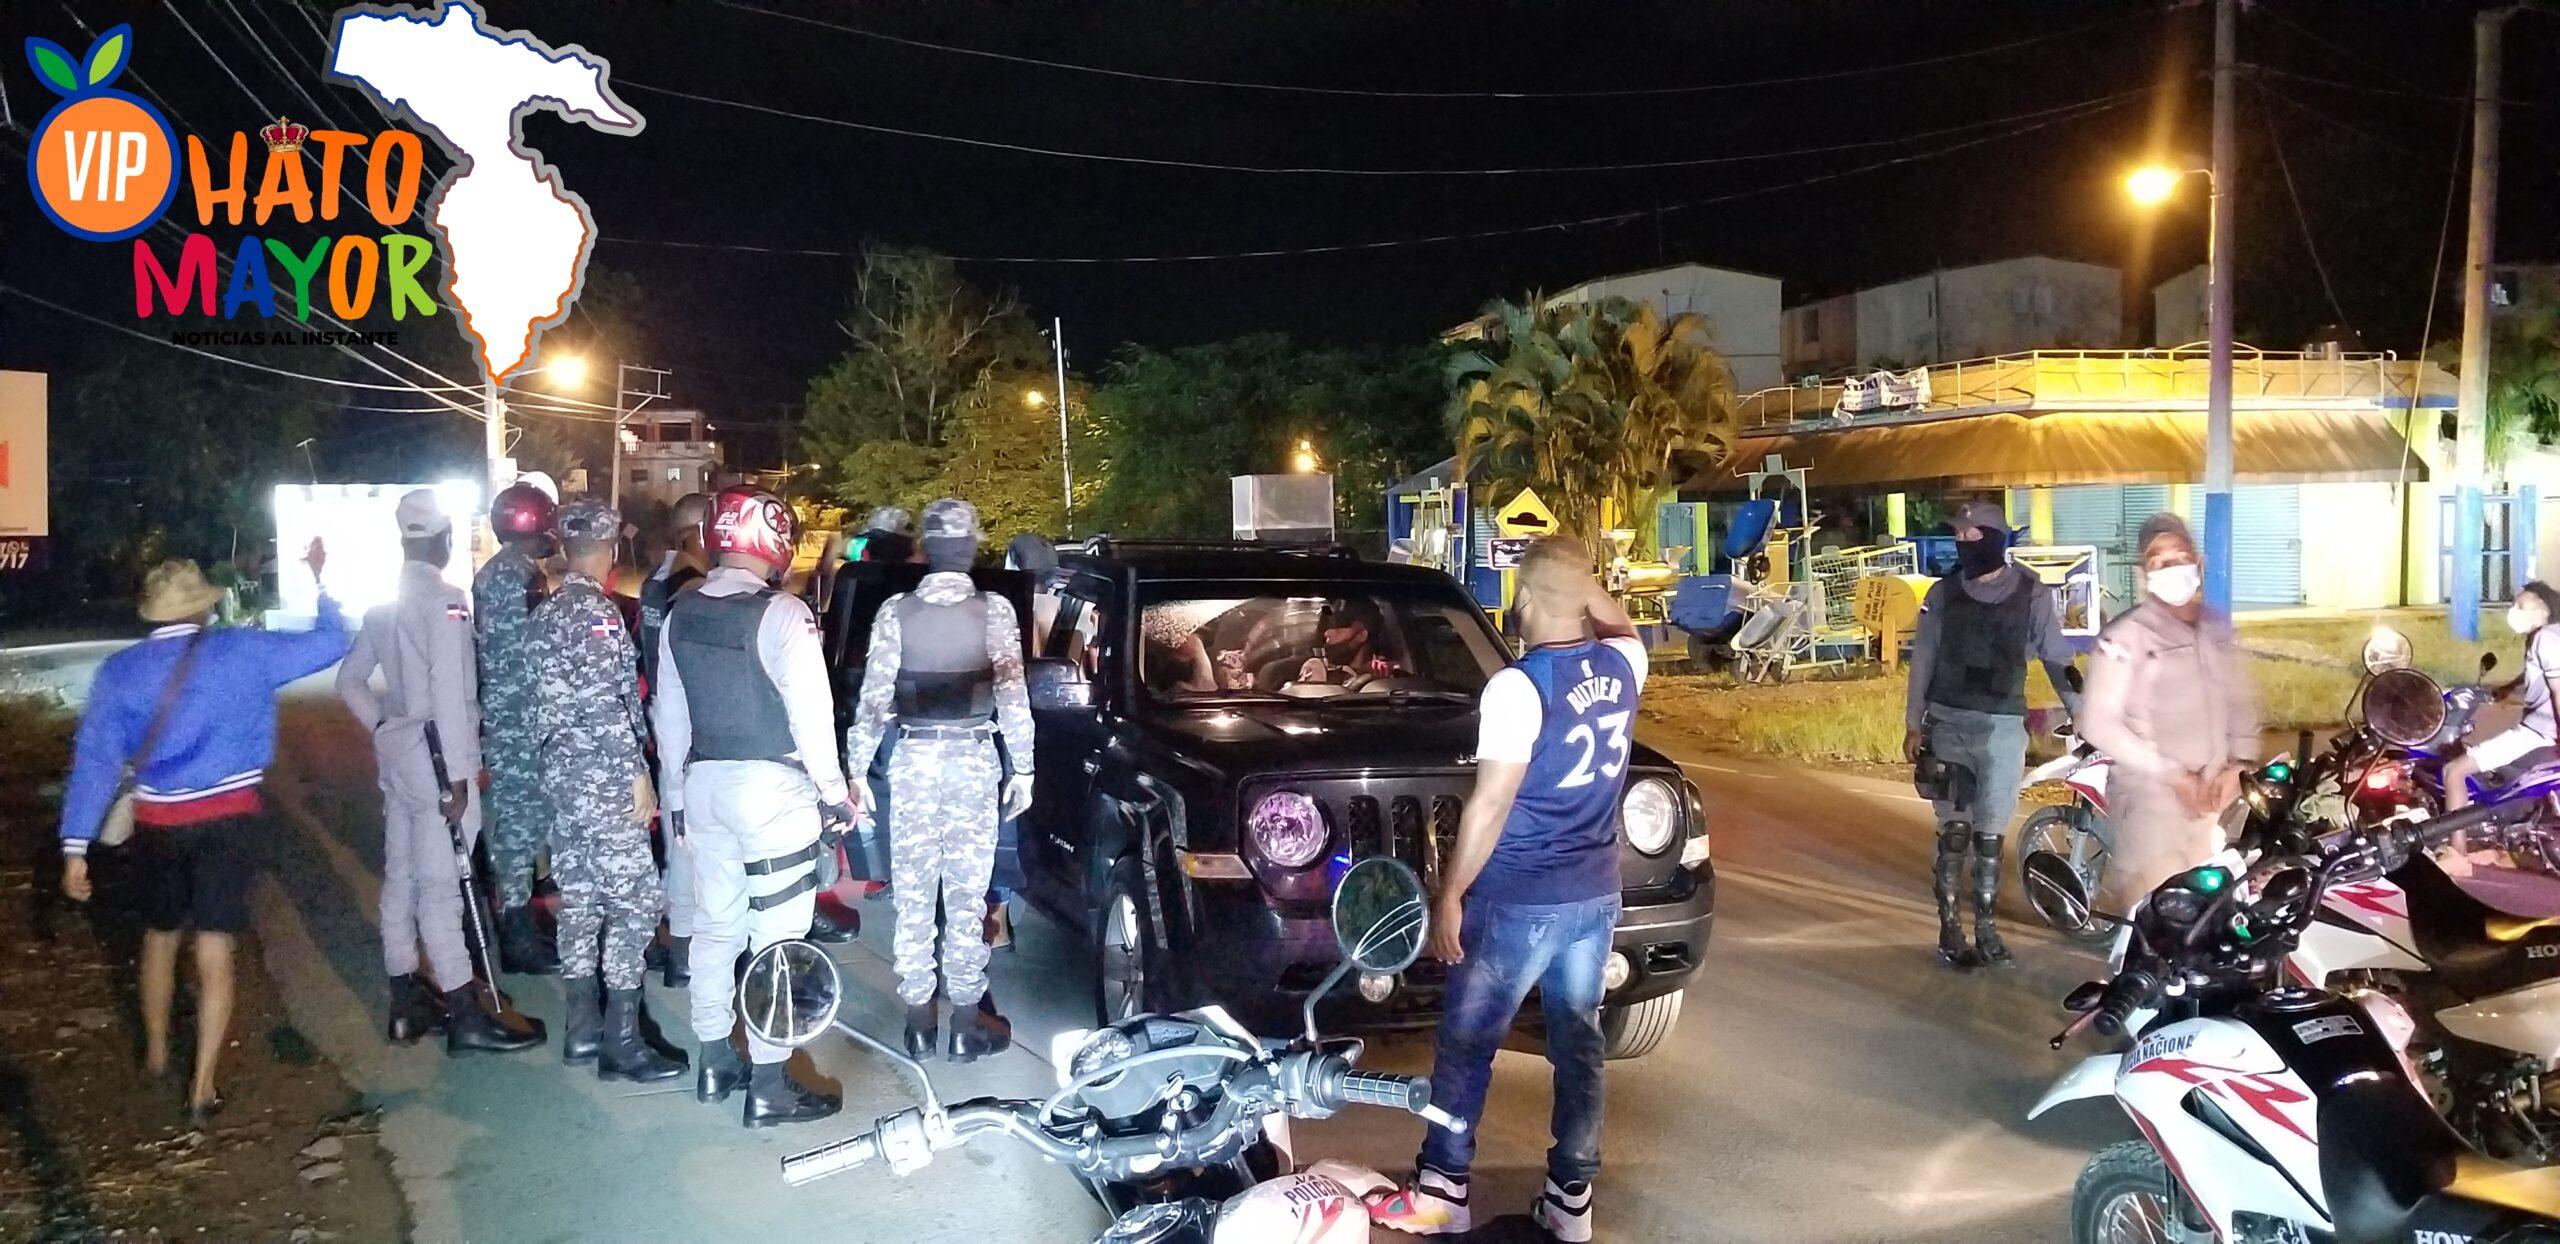 PN apresa más de 30 personas por violar Toque de Queda en Hato Mayor del Rey